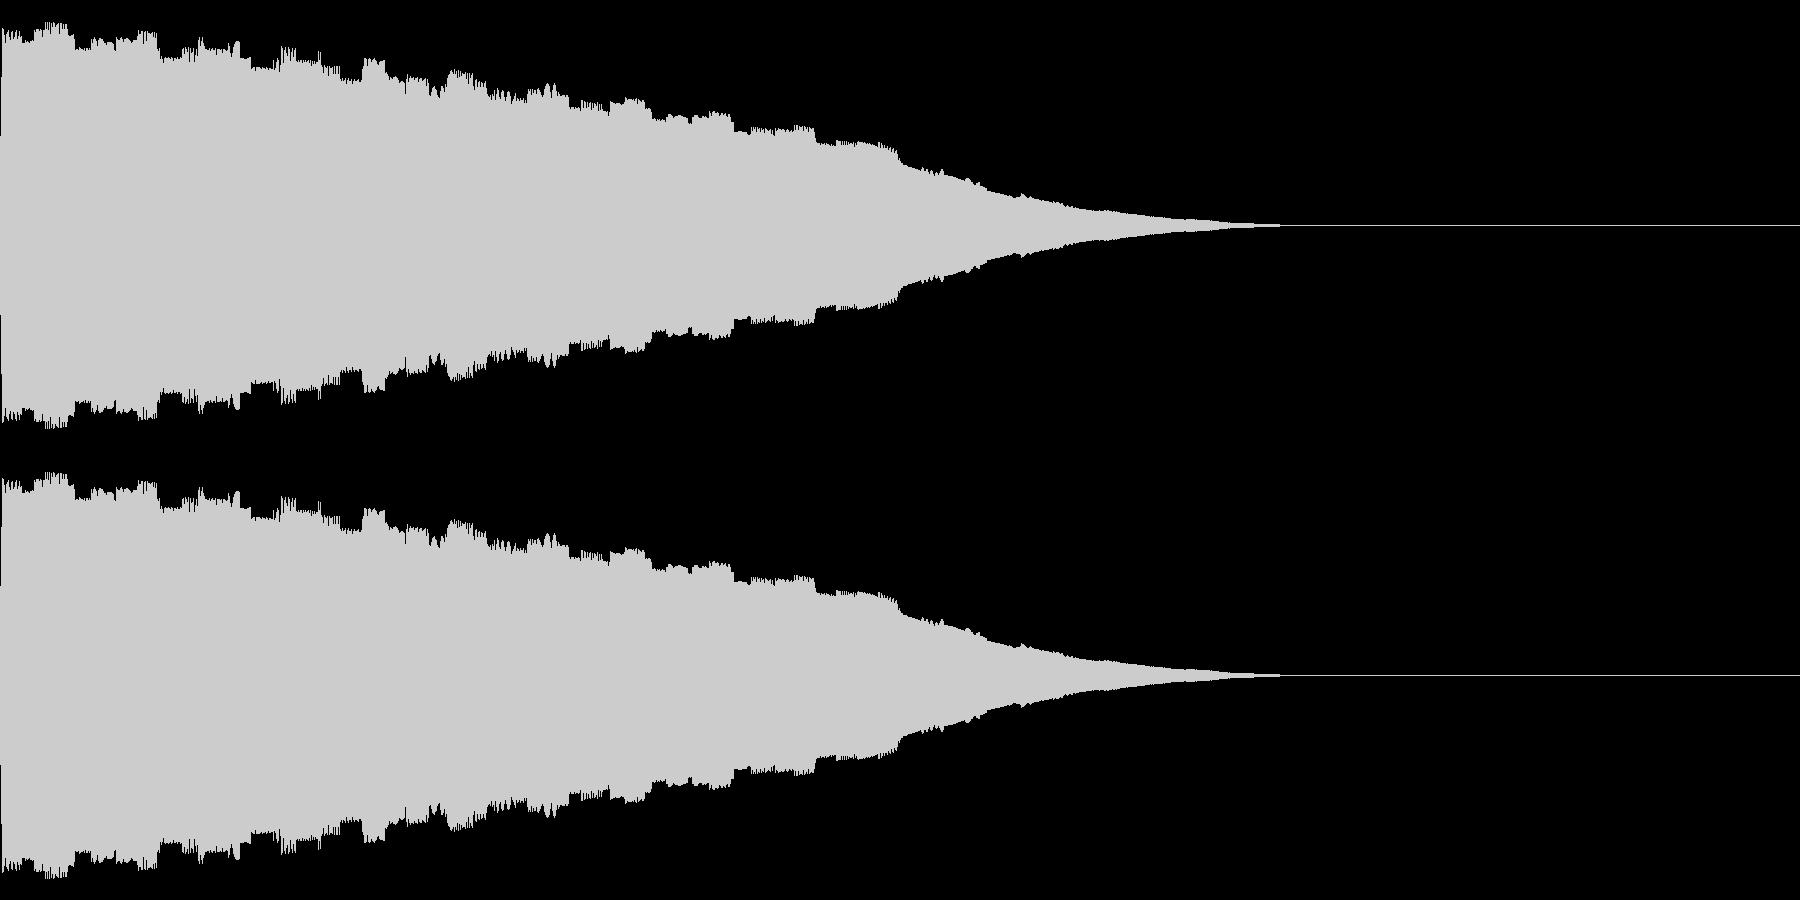 ピロピロ(ワープ/宇宙ピコピコSFの未再生の波形